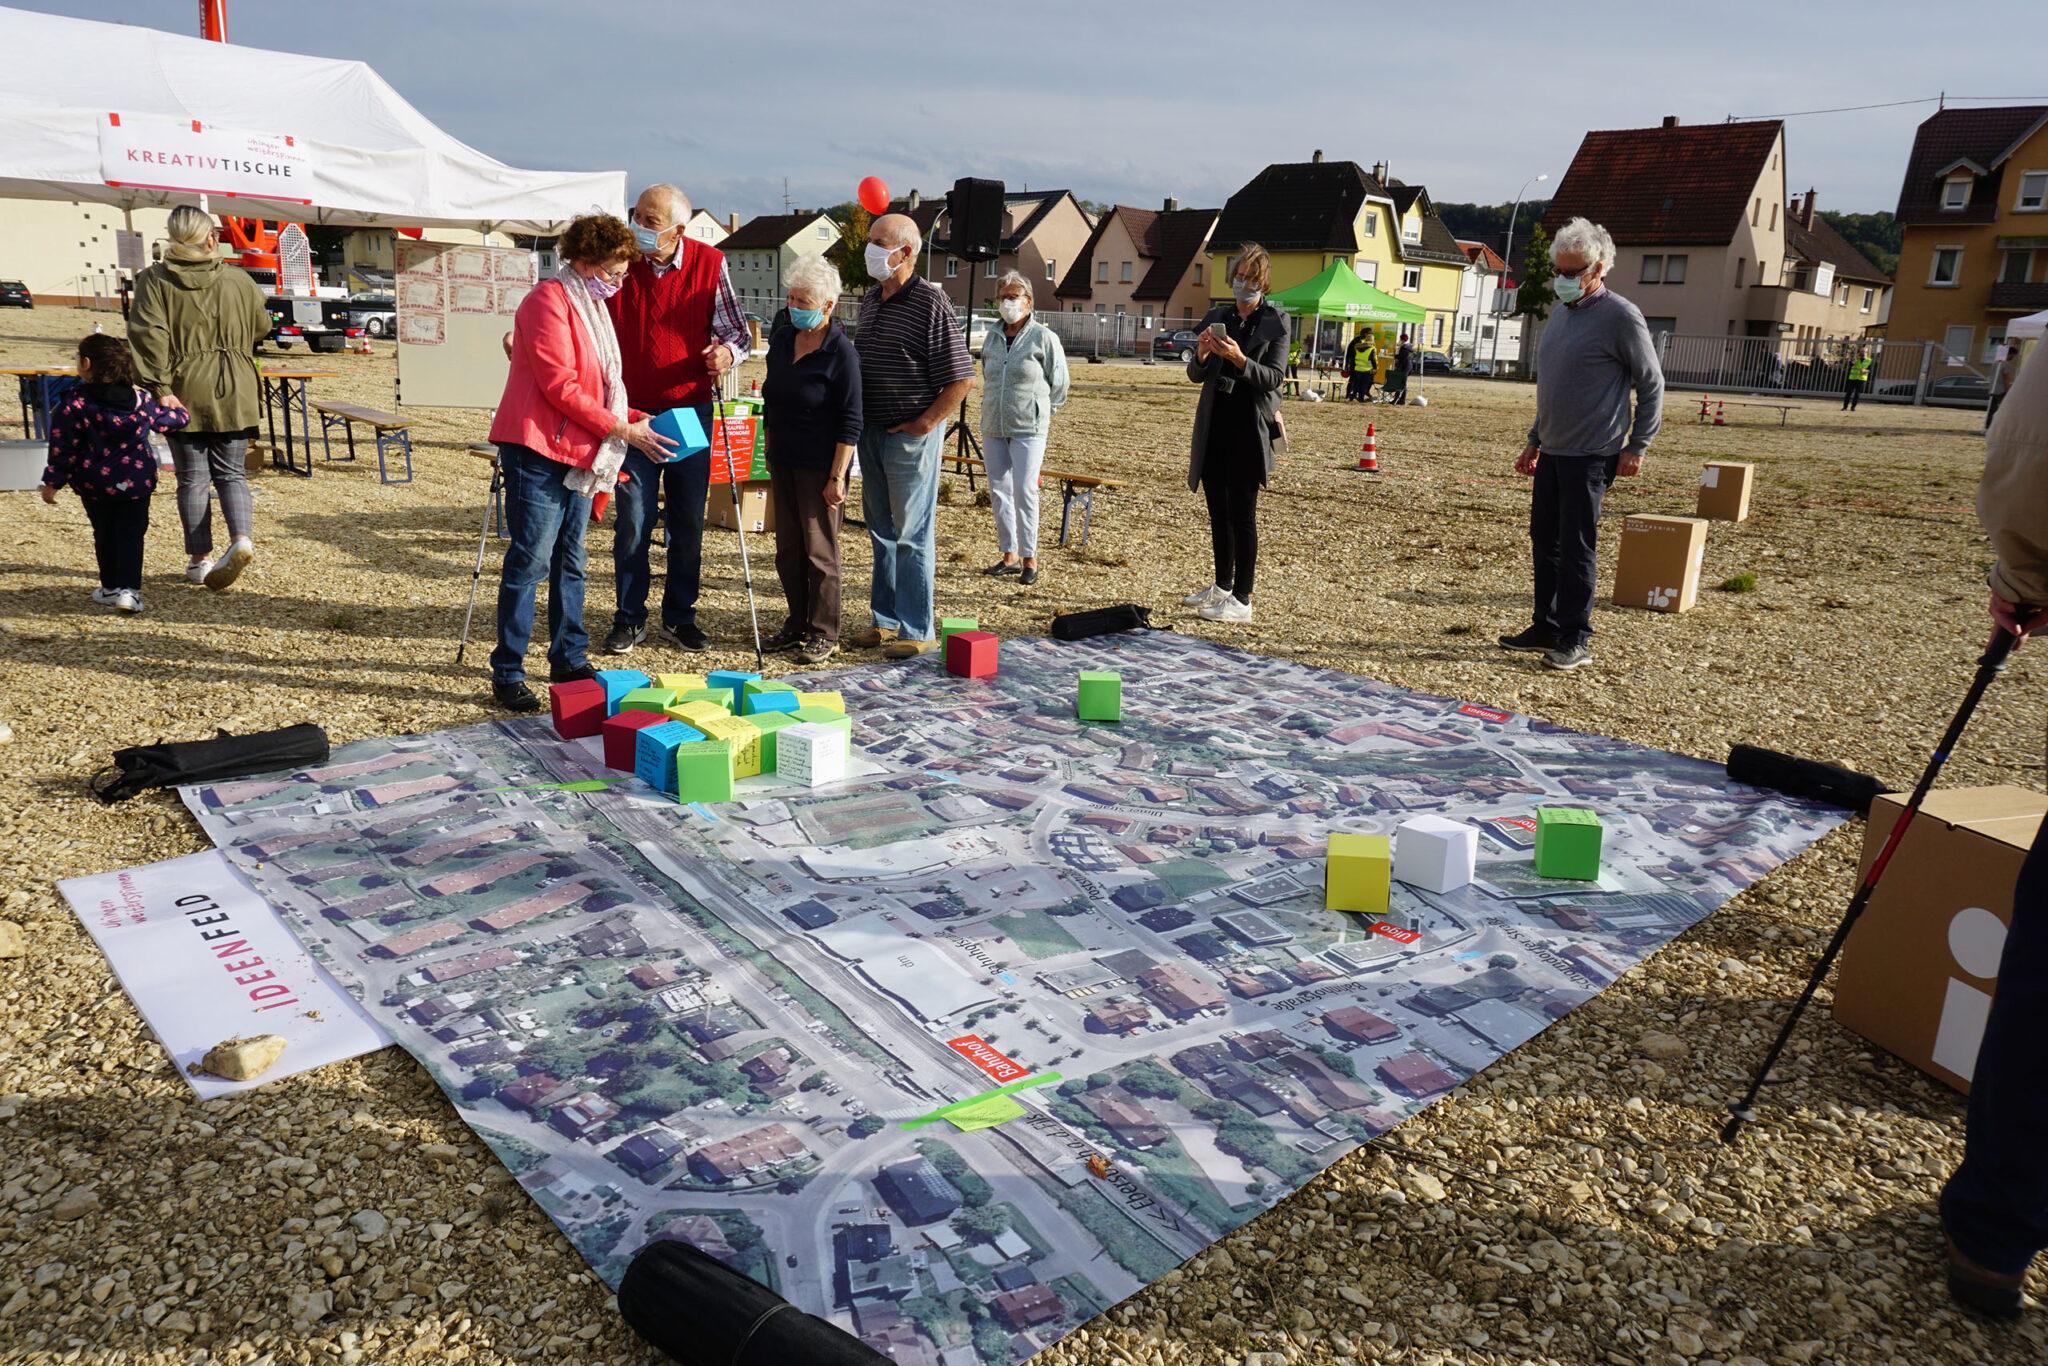 Bürgerbeteiligung »Uhingen weiterspinnen« auf dem Areal. Bild: Stadtverwaltung Uhingen